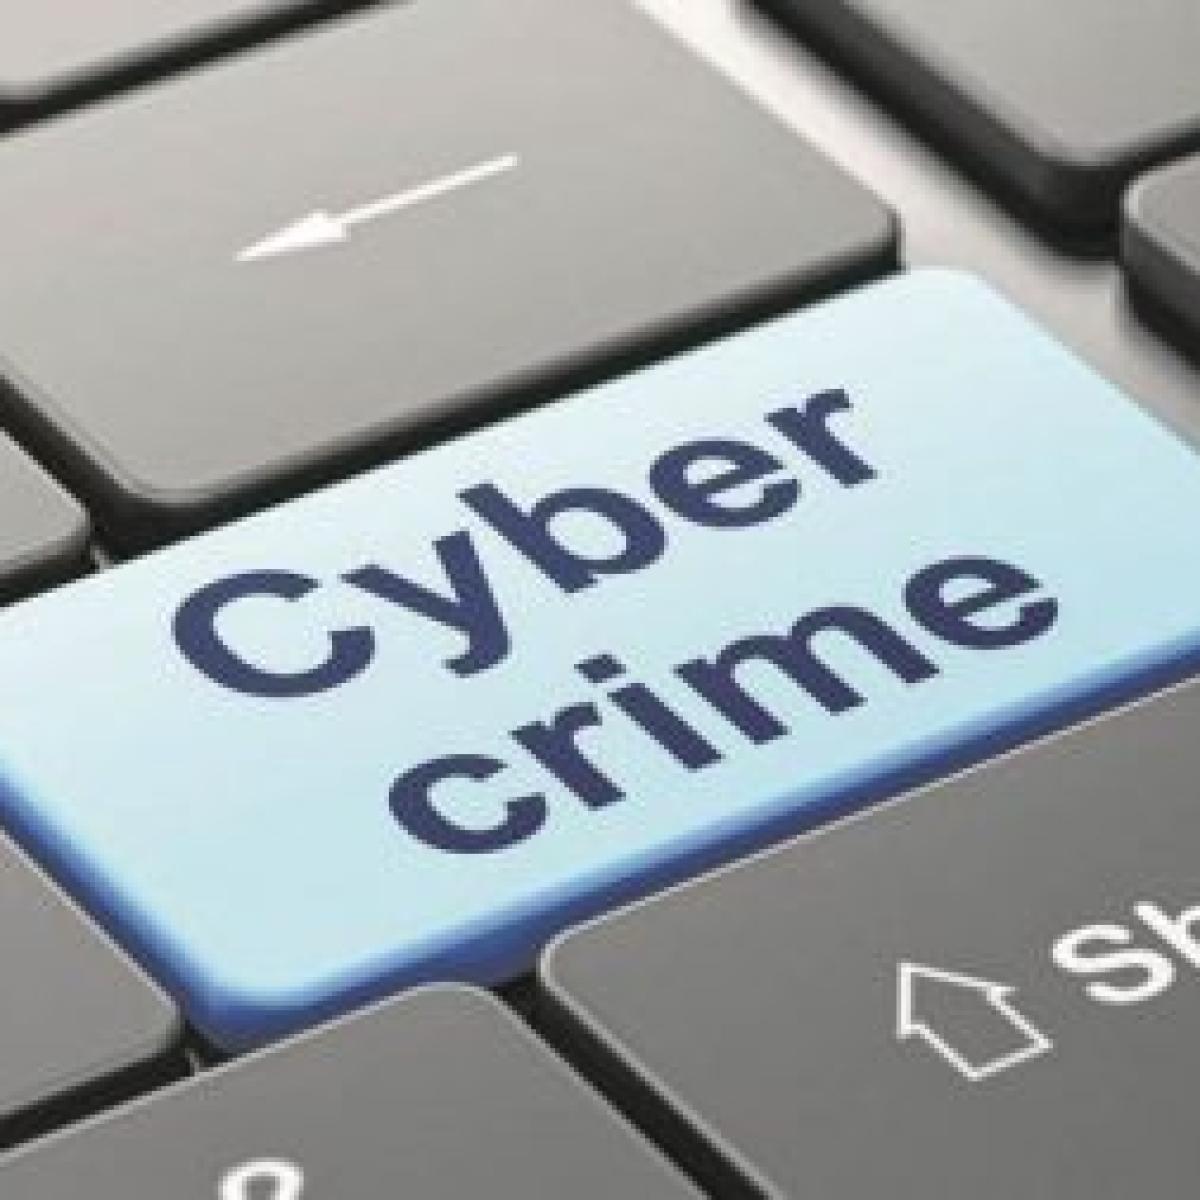 Cyber crimes soar by 300% in Navi Mumbai